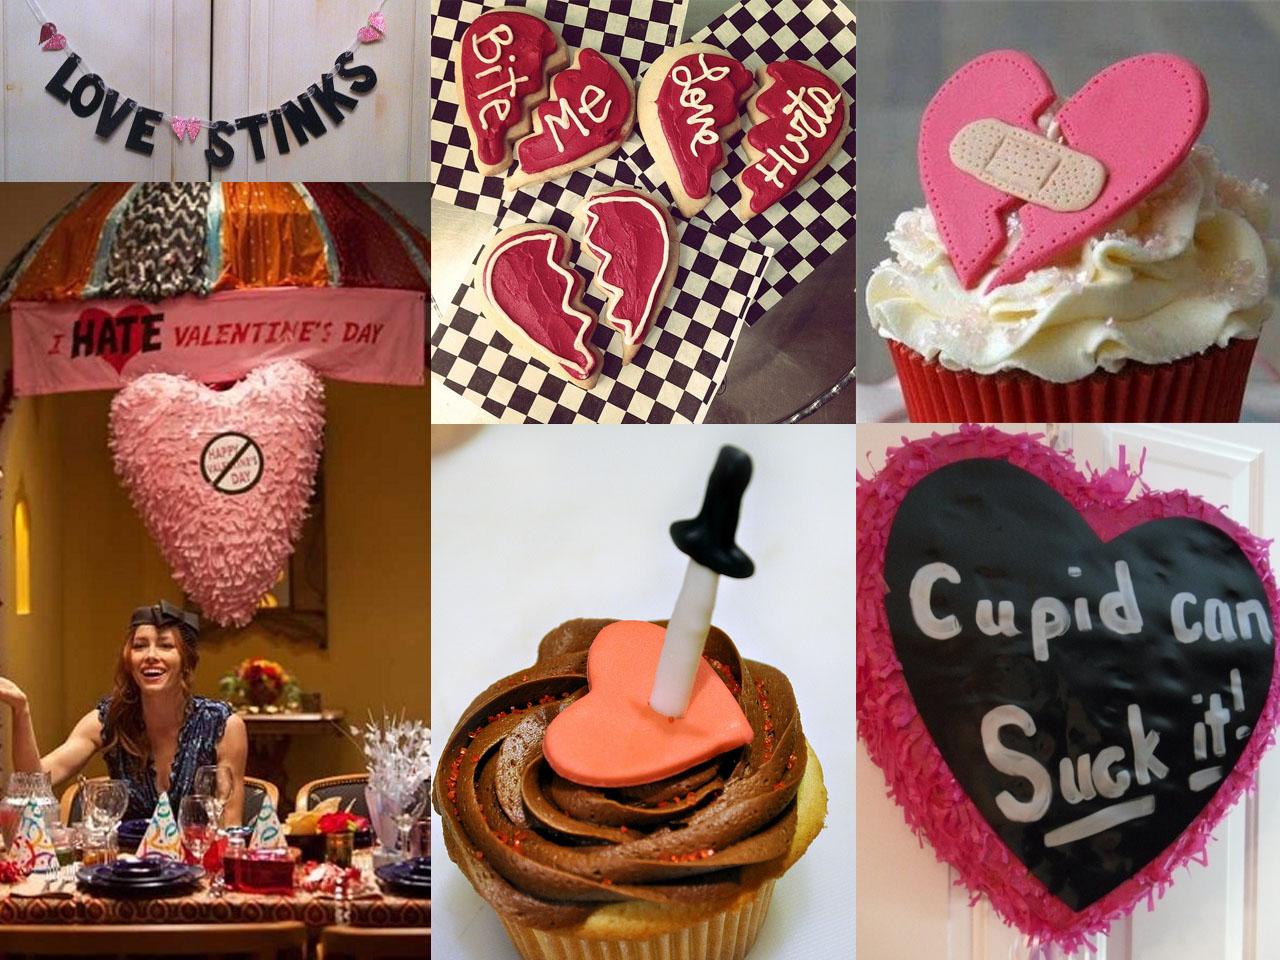 15 Manualidades Para San Valentin Faciles De Hacer - Decoracion-san-valentin-manualidades